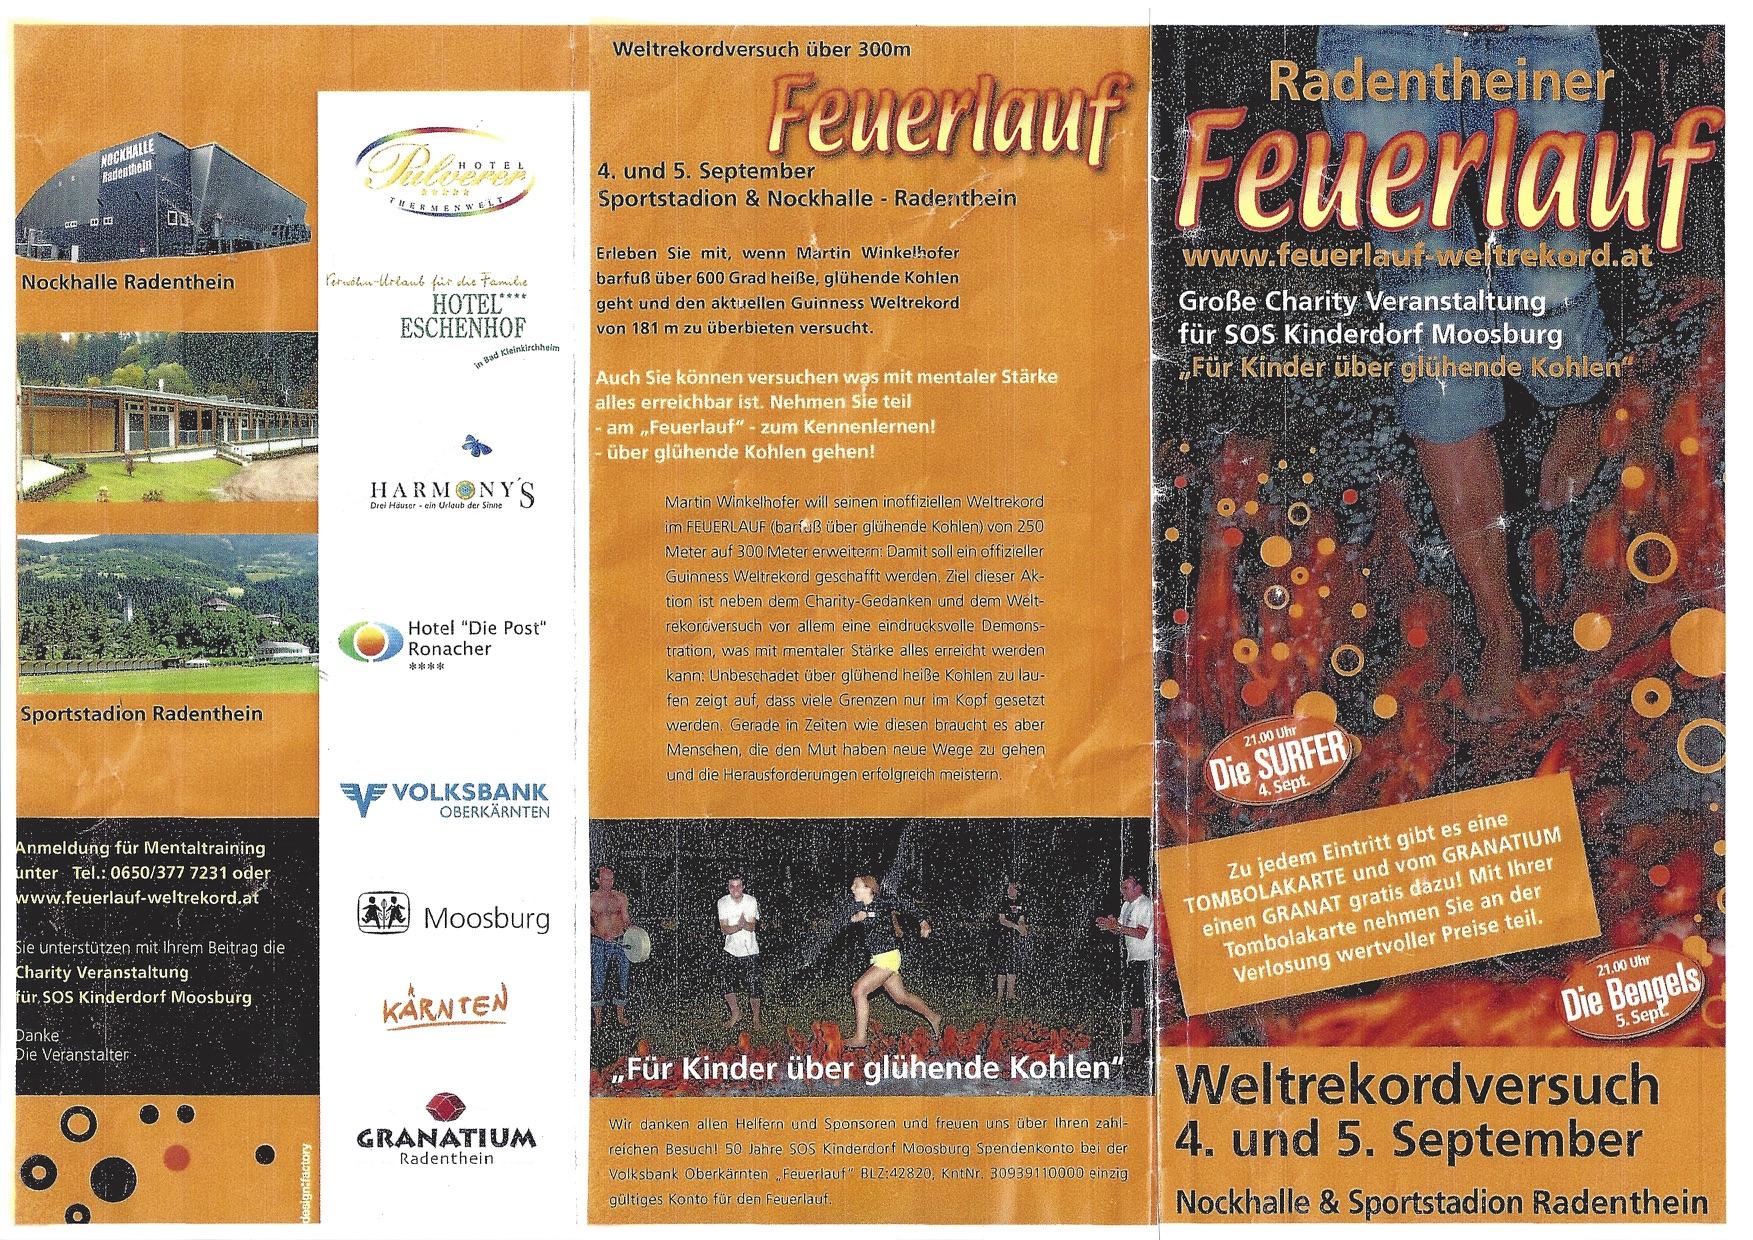 Weltrekord www.feuerlauf-seminar.at